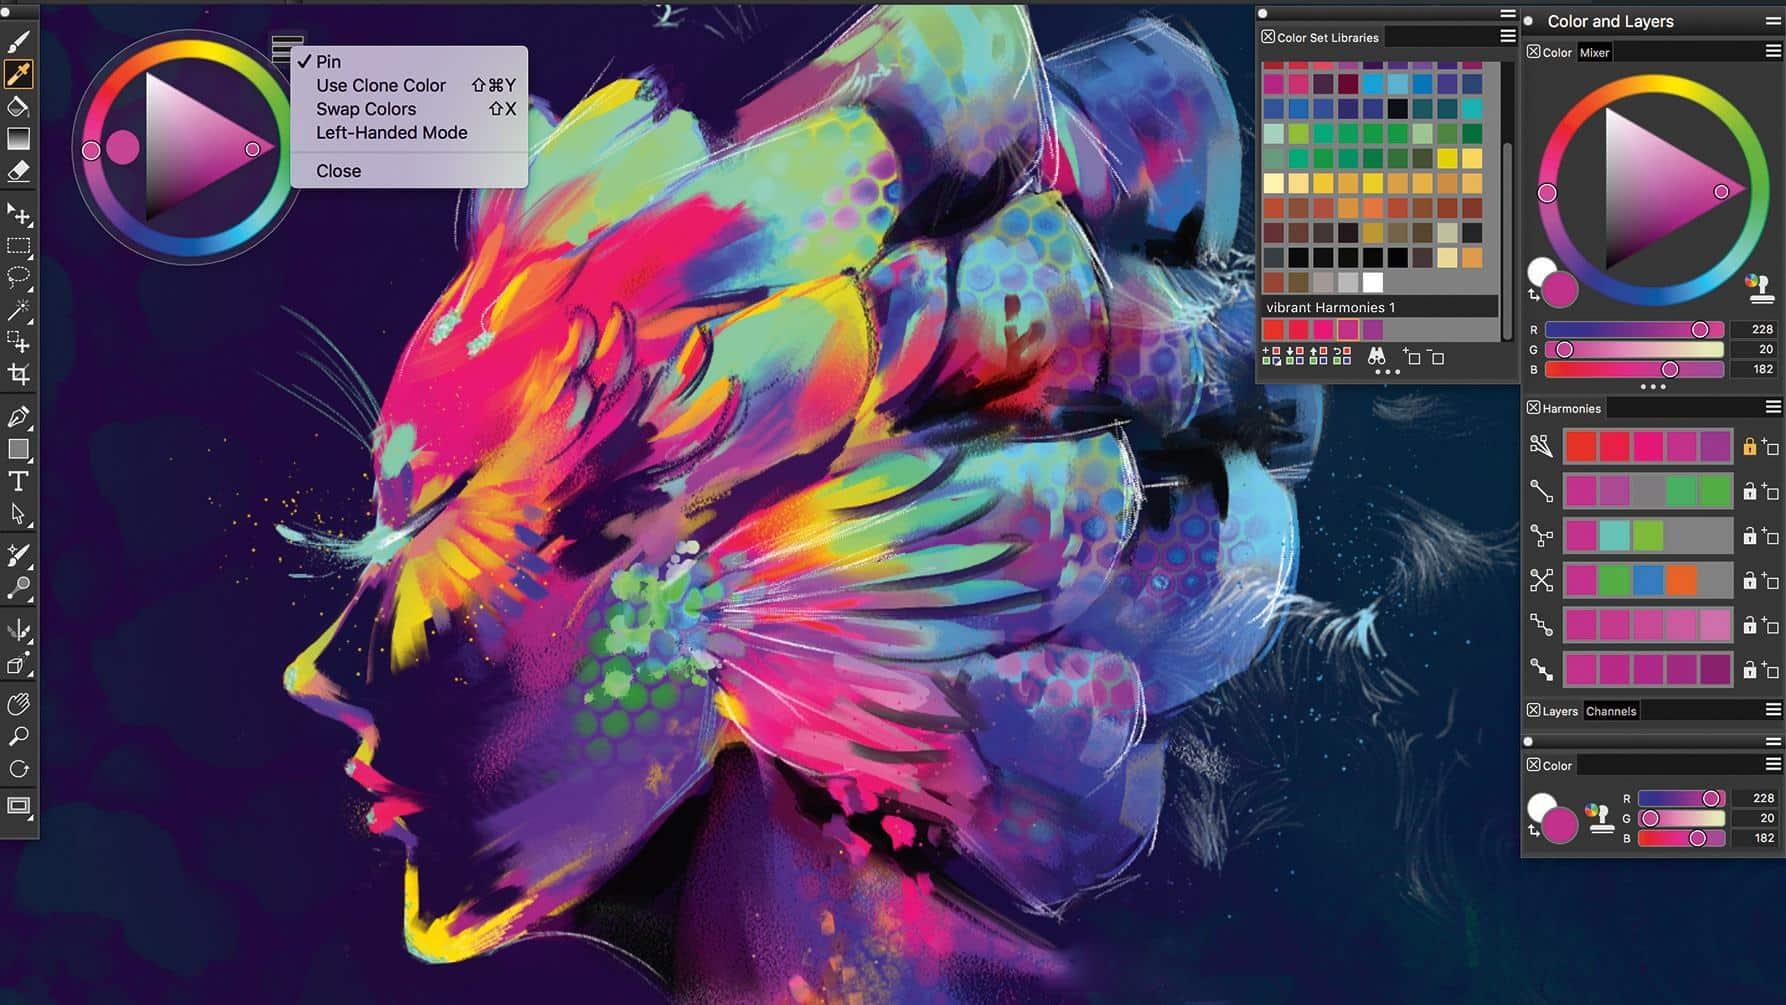 7 phần mềm chuyên về vẽ tốt nhất trên máy tính cho dân thiết kế - Fshare Blog